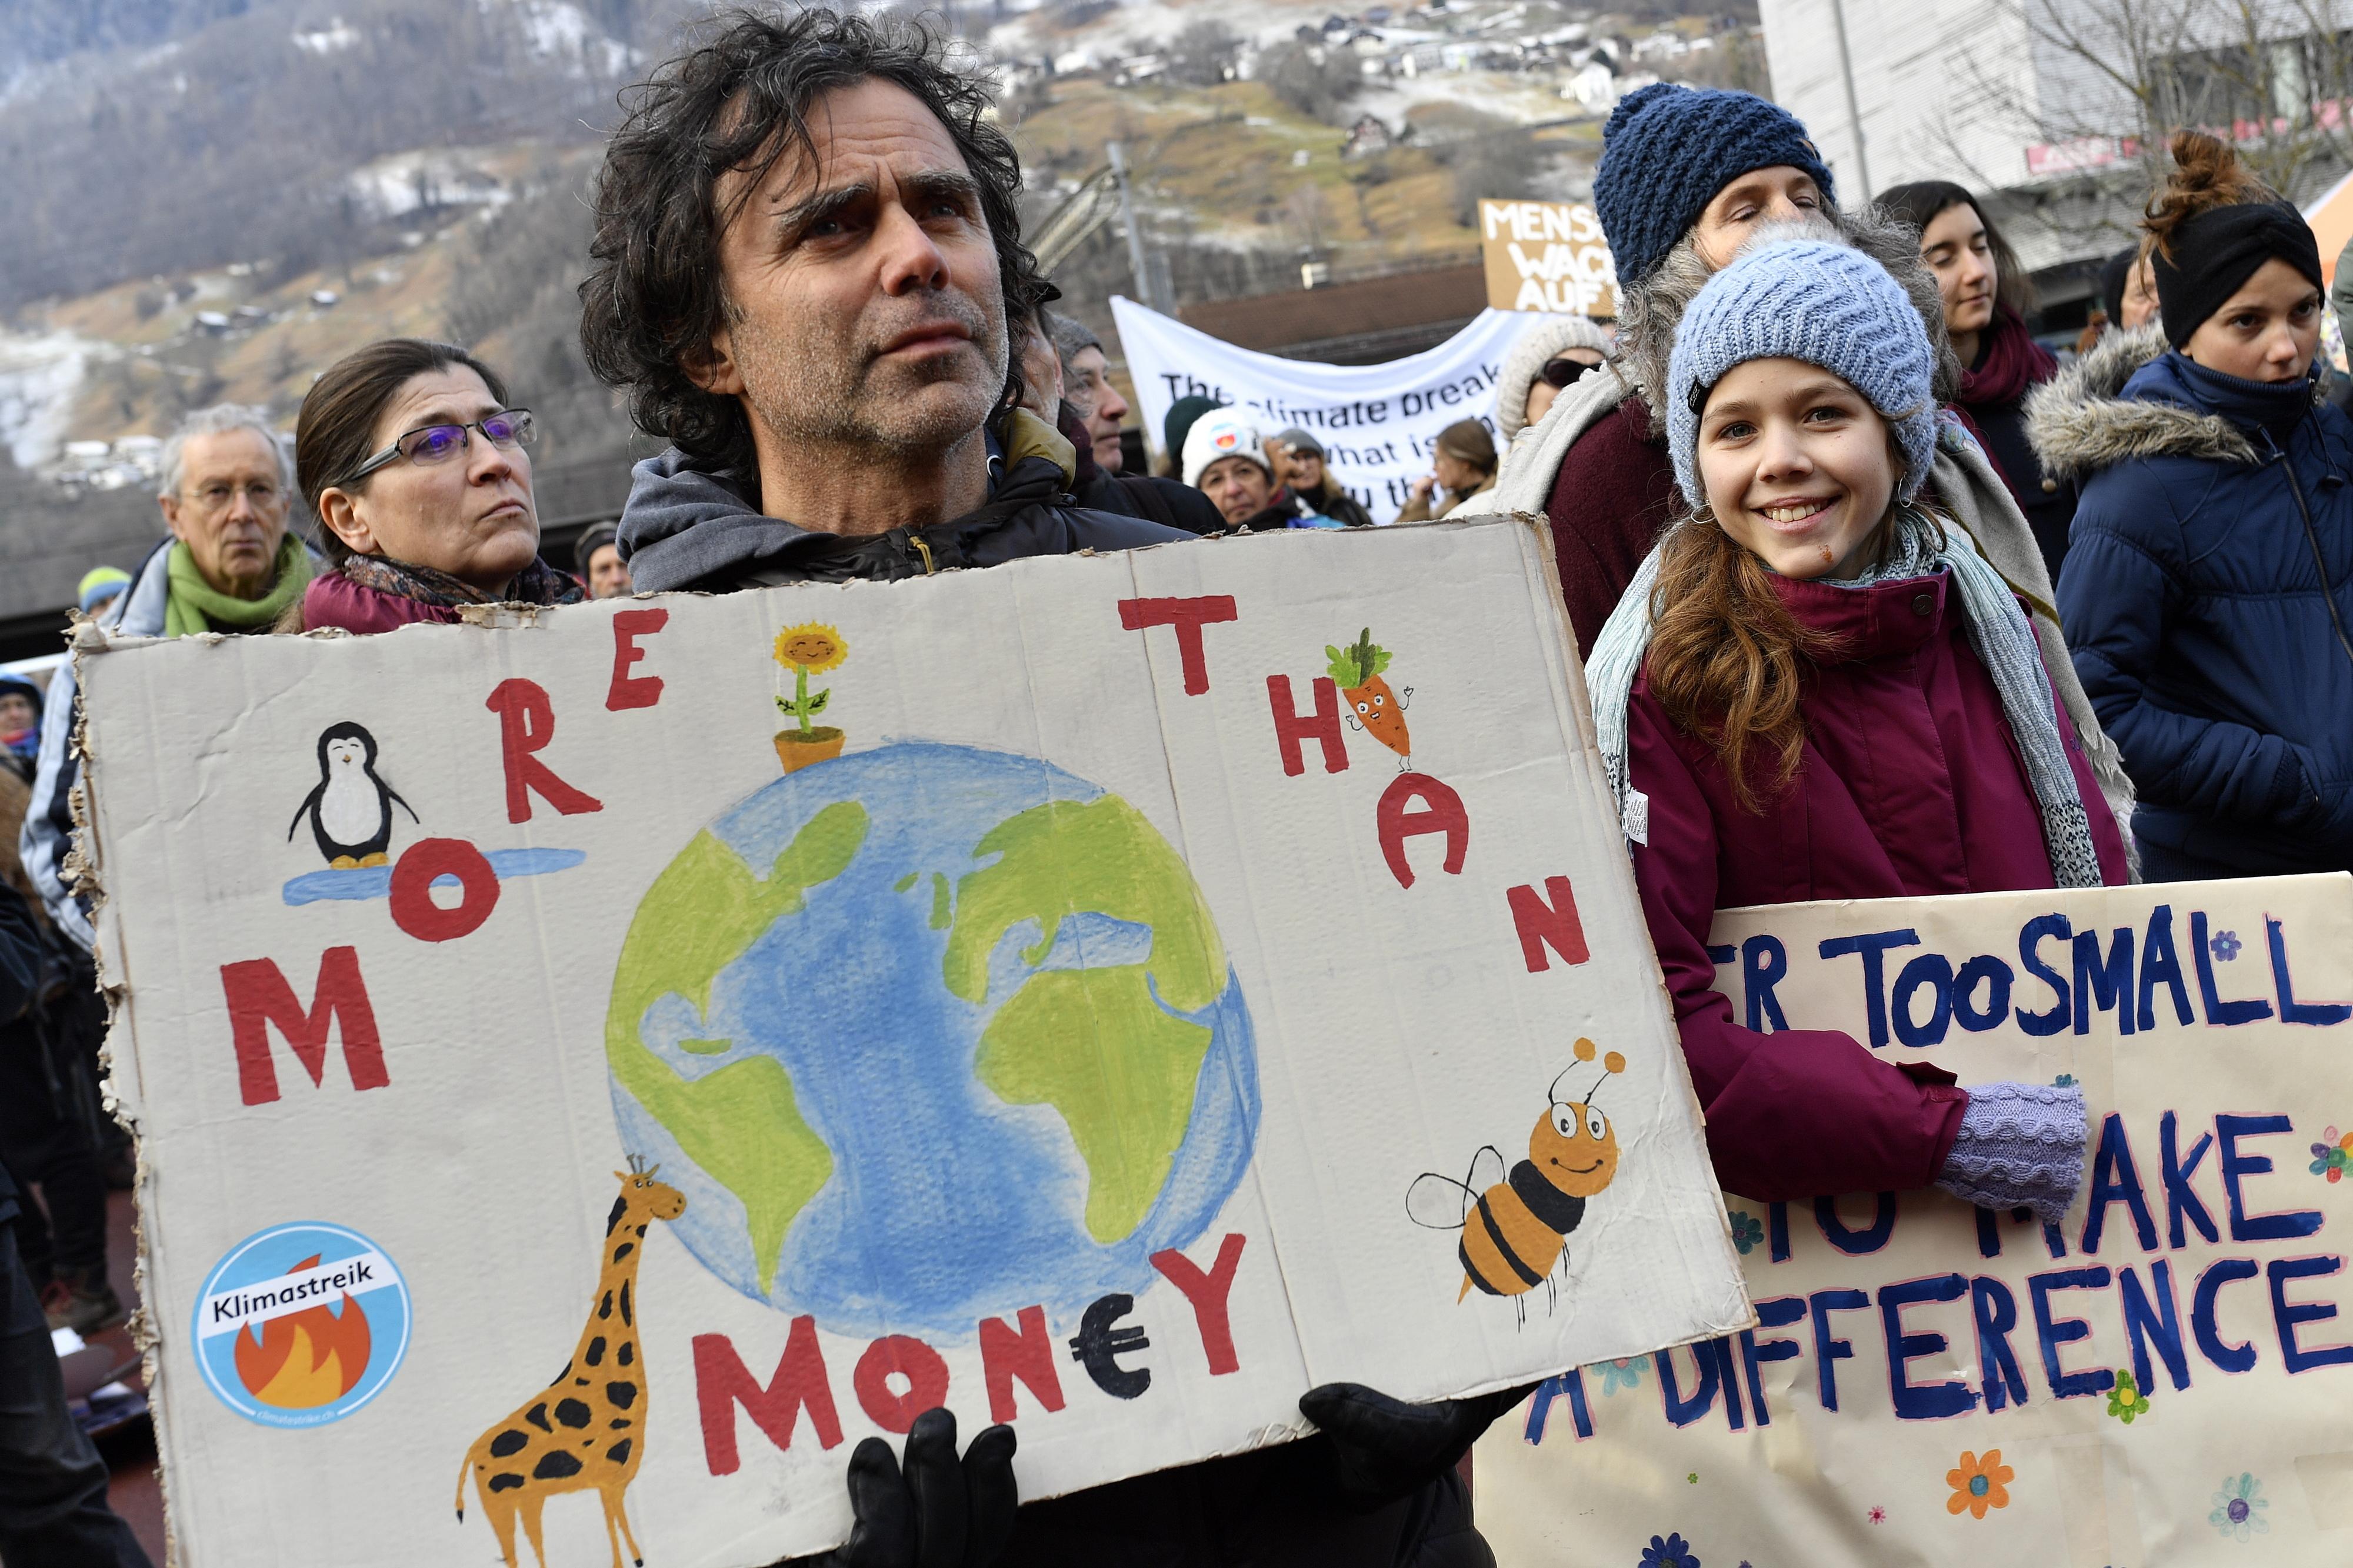 Ativistas pelo clima iniciam marcha para recordarem em Davos que não há planeta B